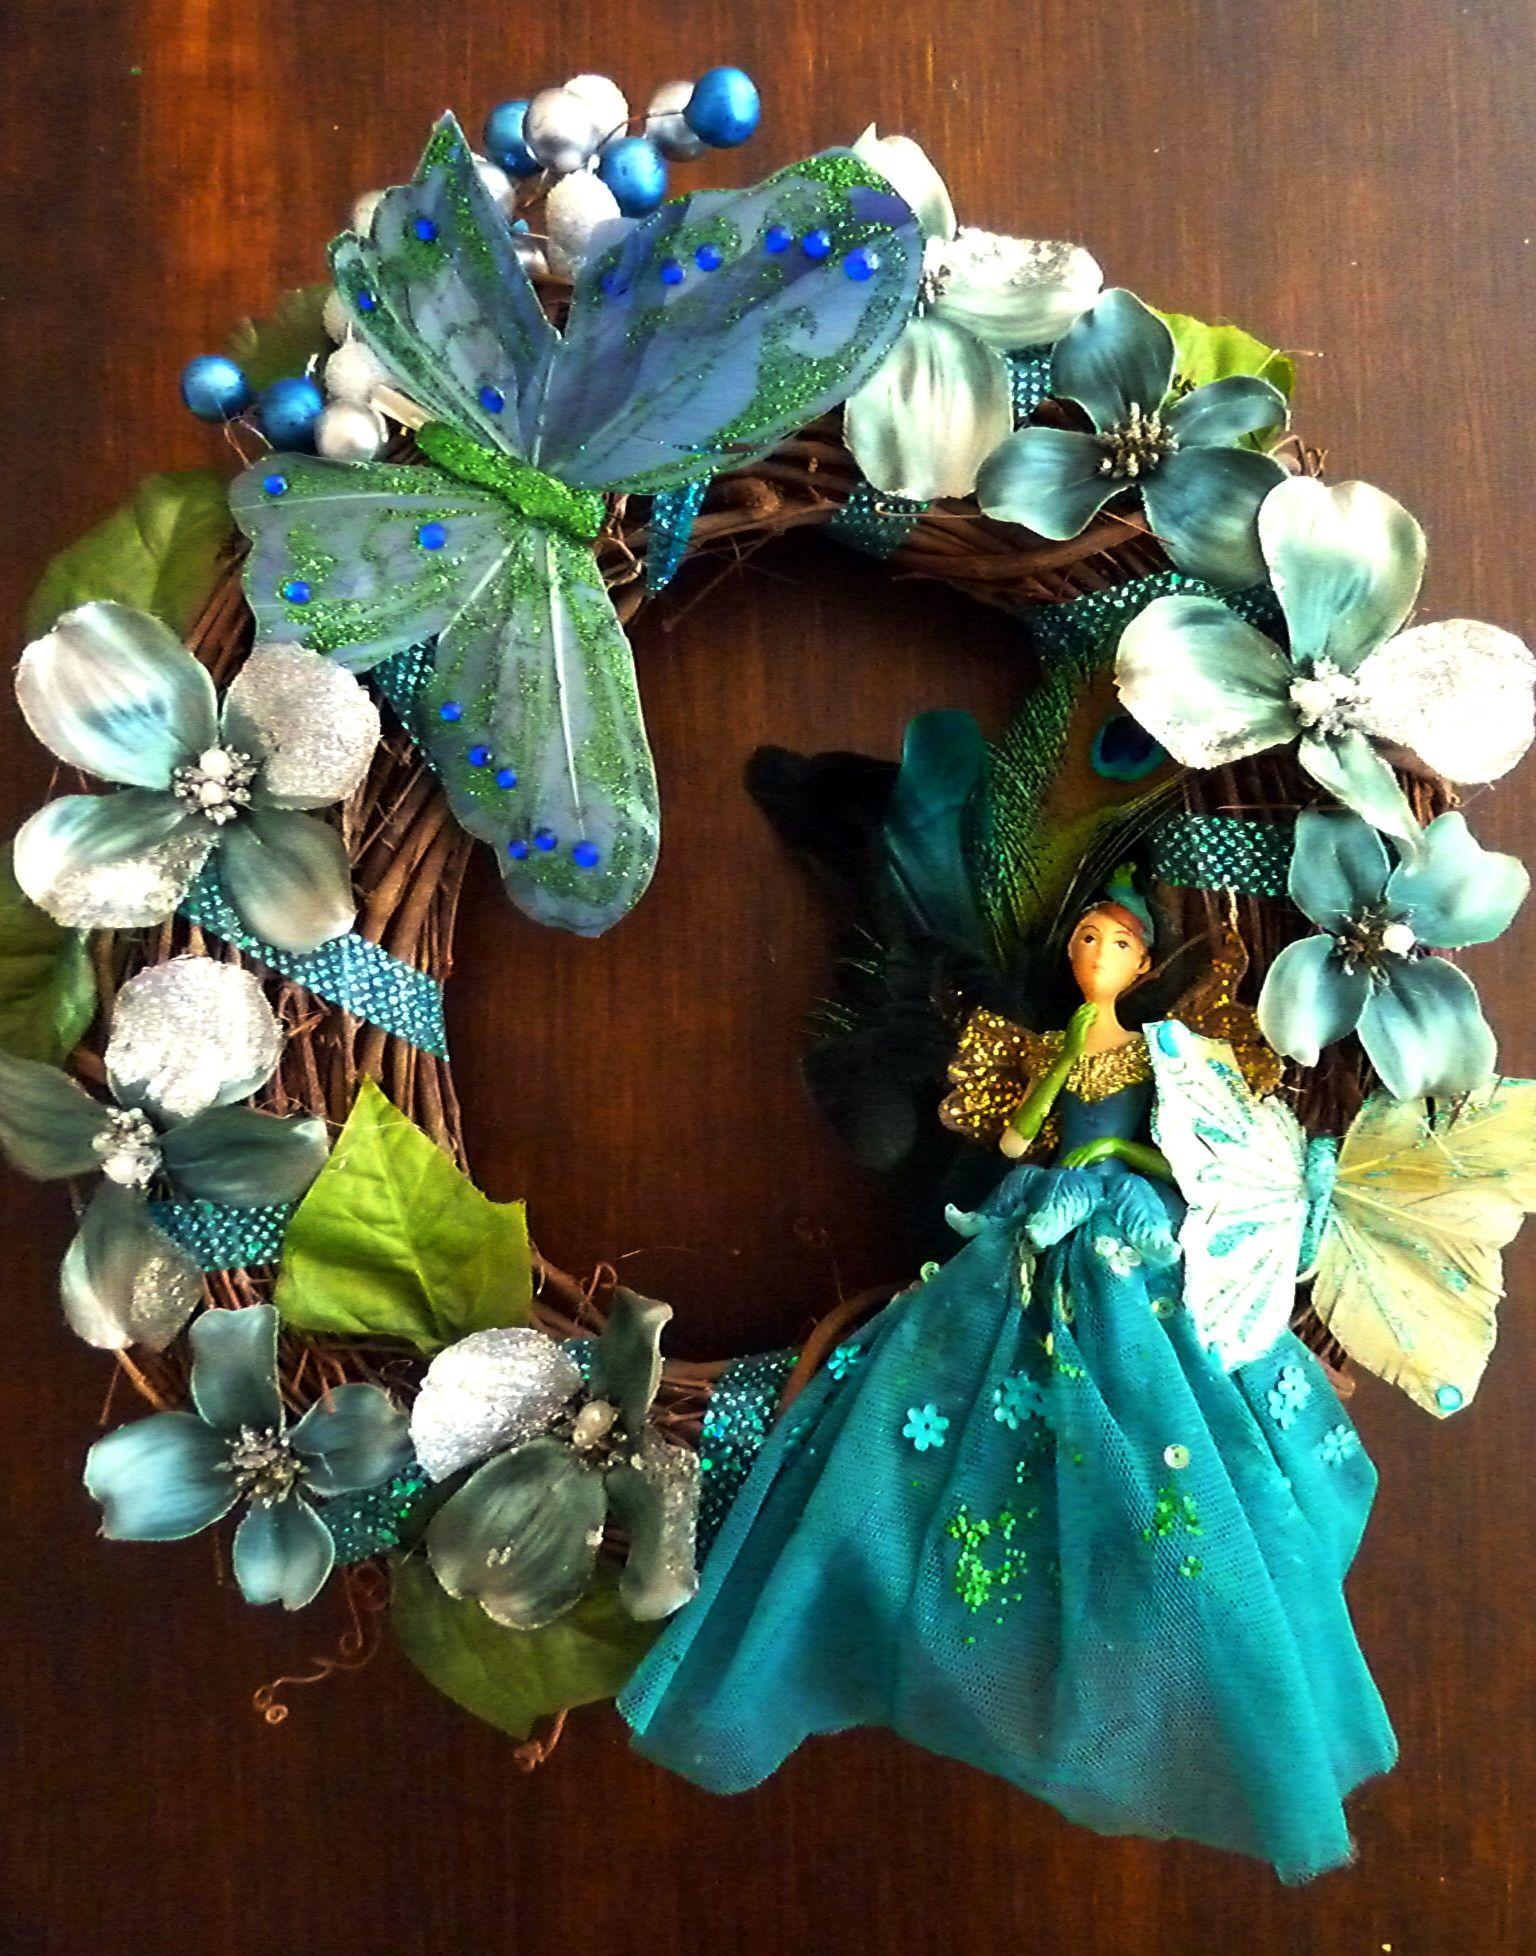 Fairy Craft Ideas Thriftyfun - Year of Clean Water